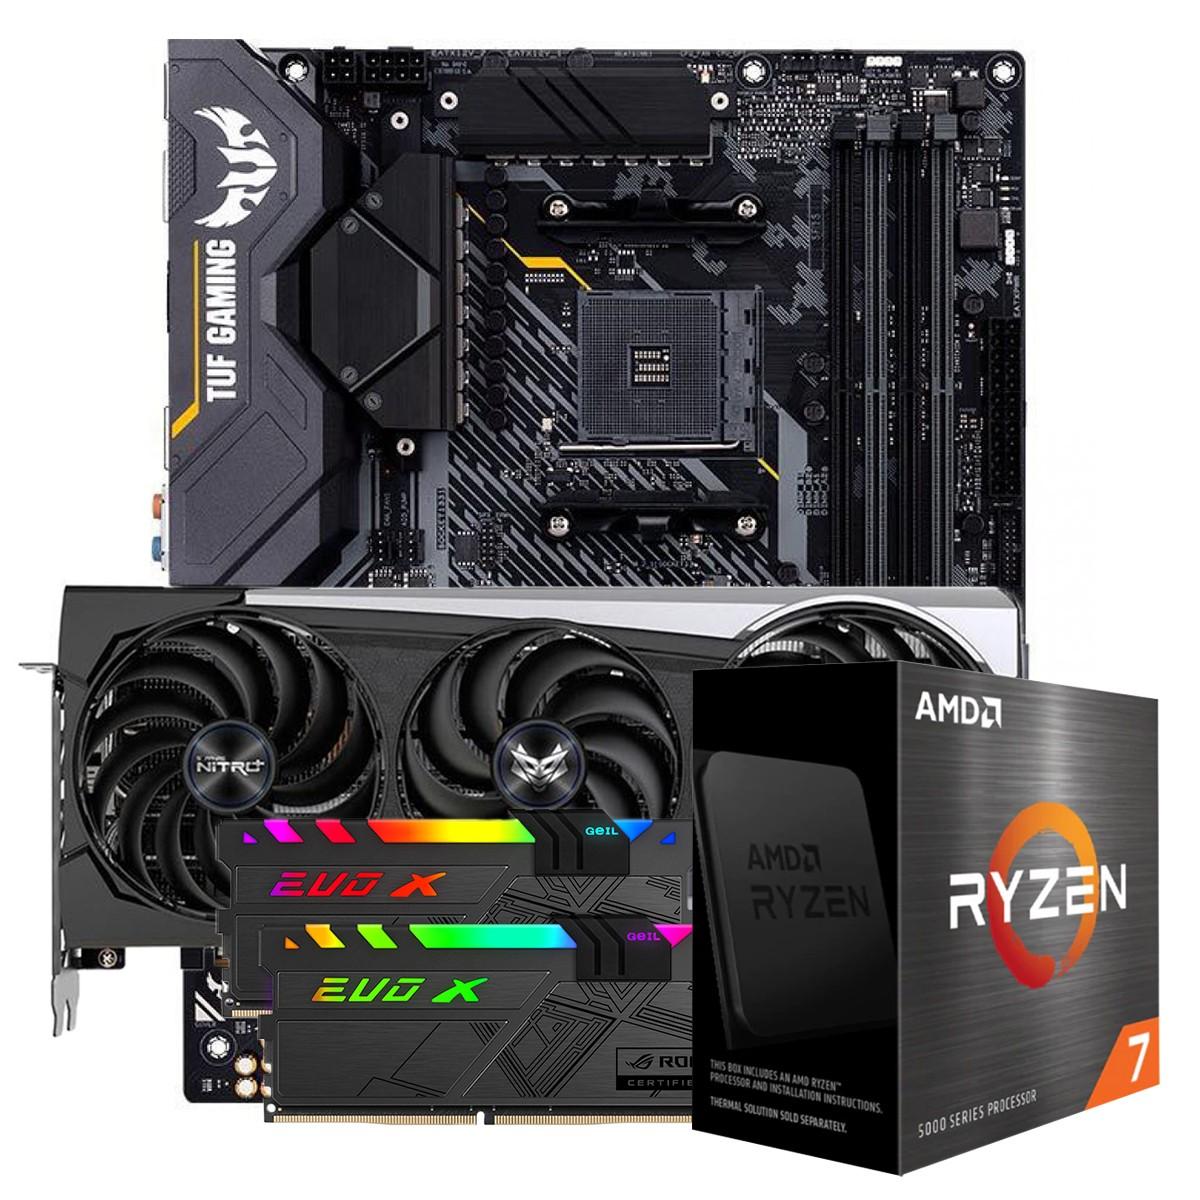 Kit Upgrade Sapphire Radeon RX 6700 XT + AMD Ryzen 7 5800X + ASUS TUF Gaming X570-Plus + Memória DDR4 16GB (2x8GB) 3600MHz